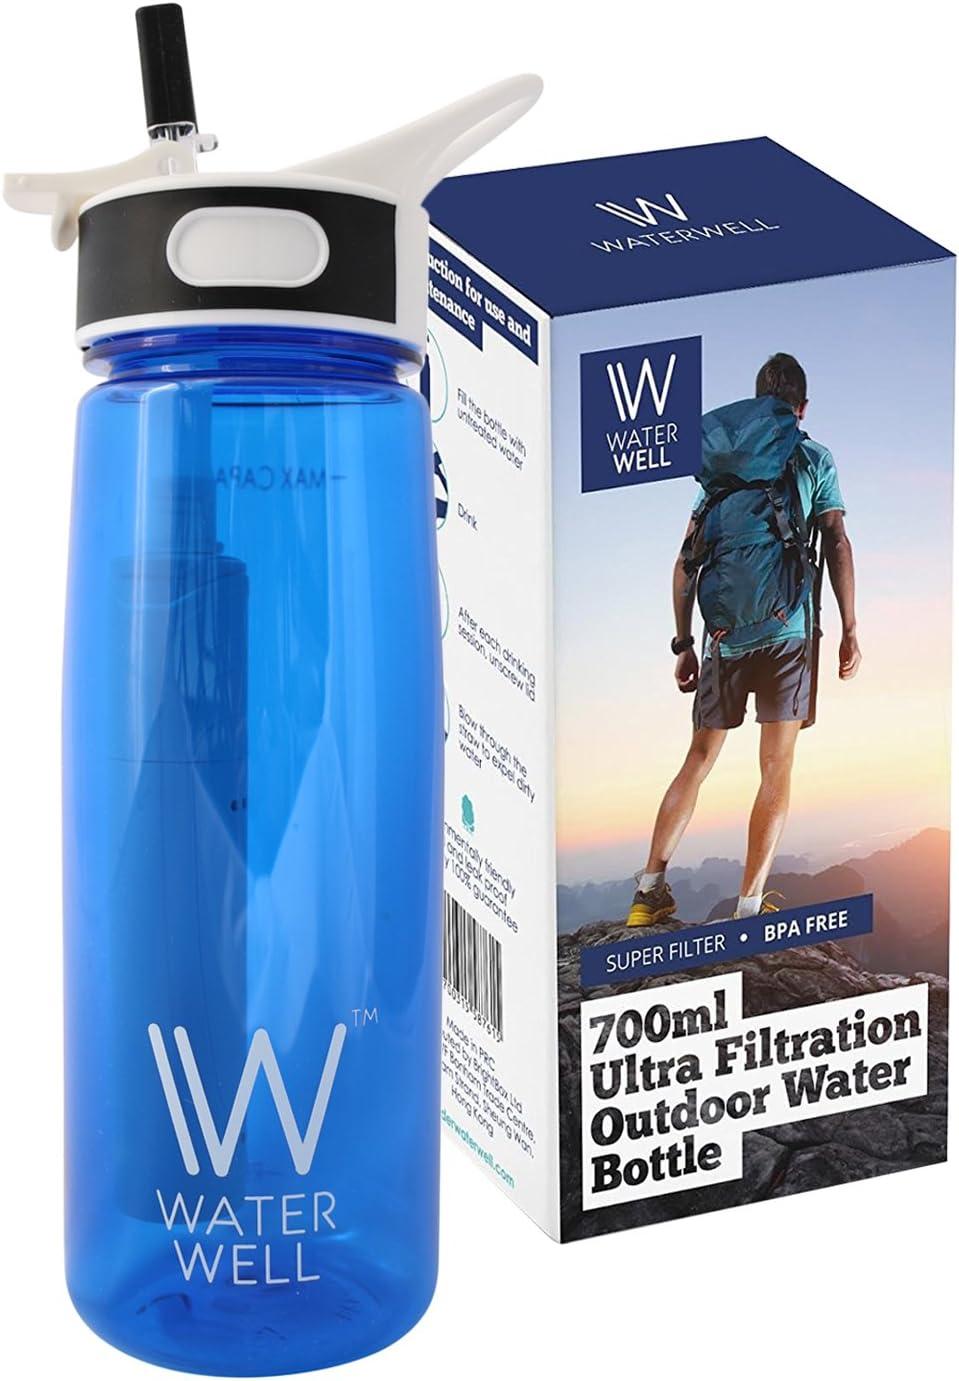 Botella de Agua de Viaje- Purifica el Agua al Eliminar 99.9% de Bacterias y Parásitos del Agua- Flujo aumentado y 100% a prueba de fugas. Botella con tapa higiénica - Filtra 1000 Litros 700ml